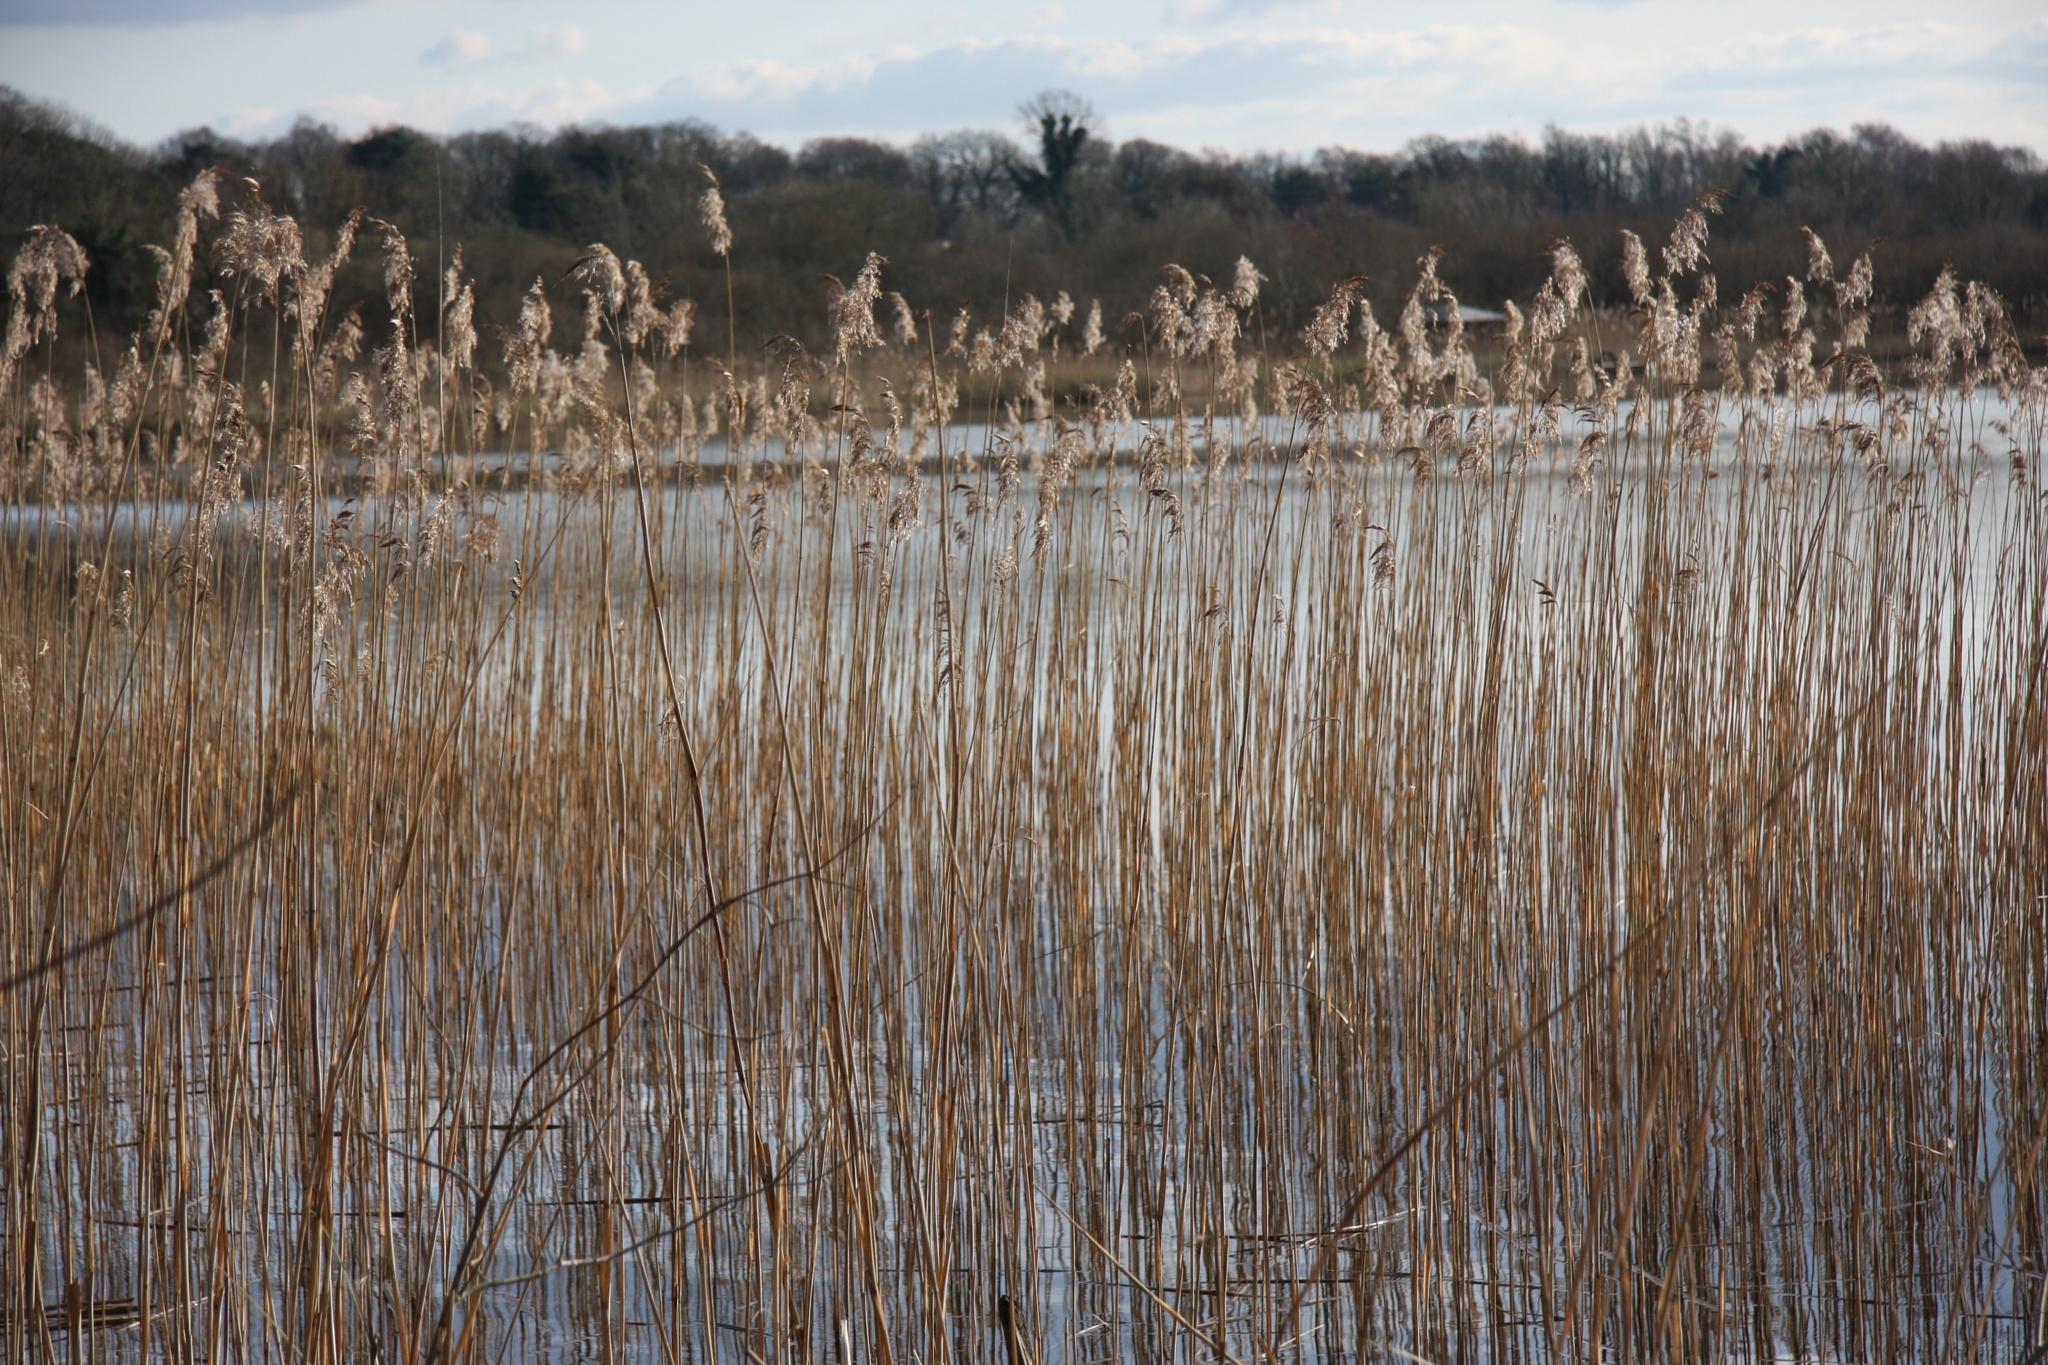 Reeds and water by Amanda Gardner